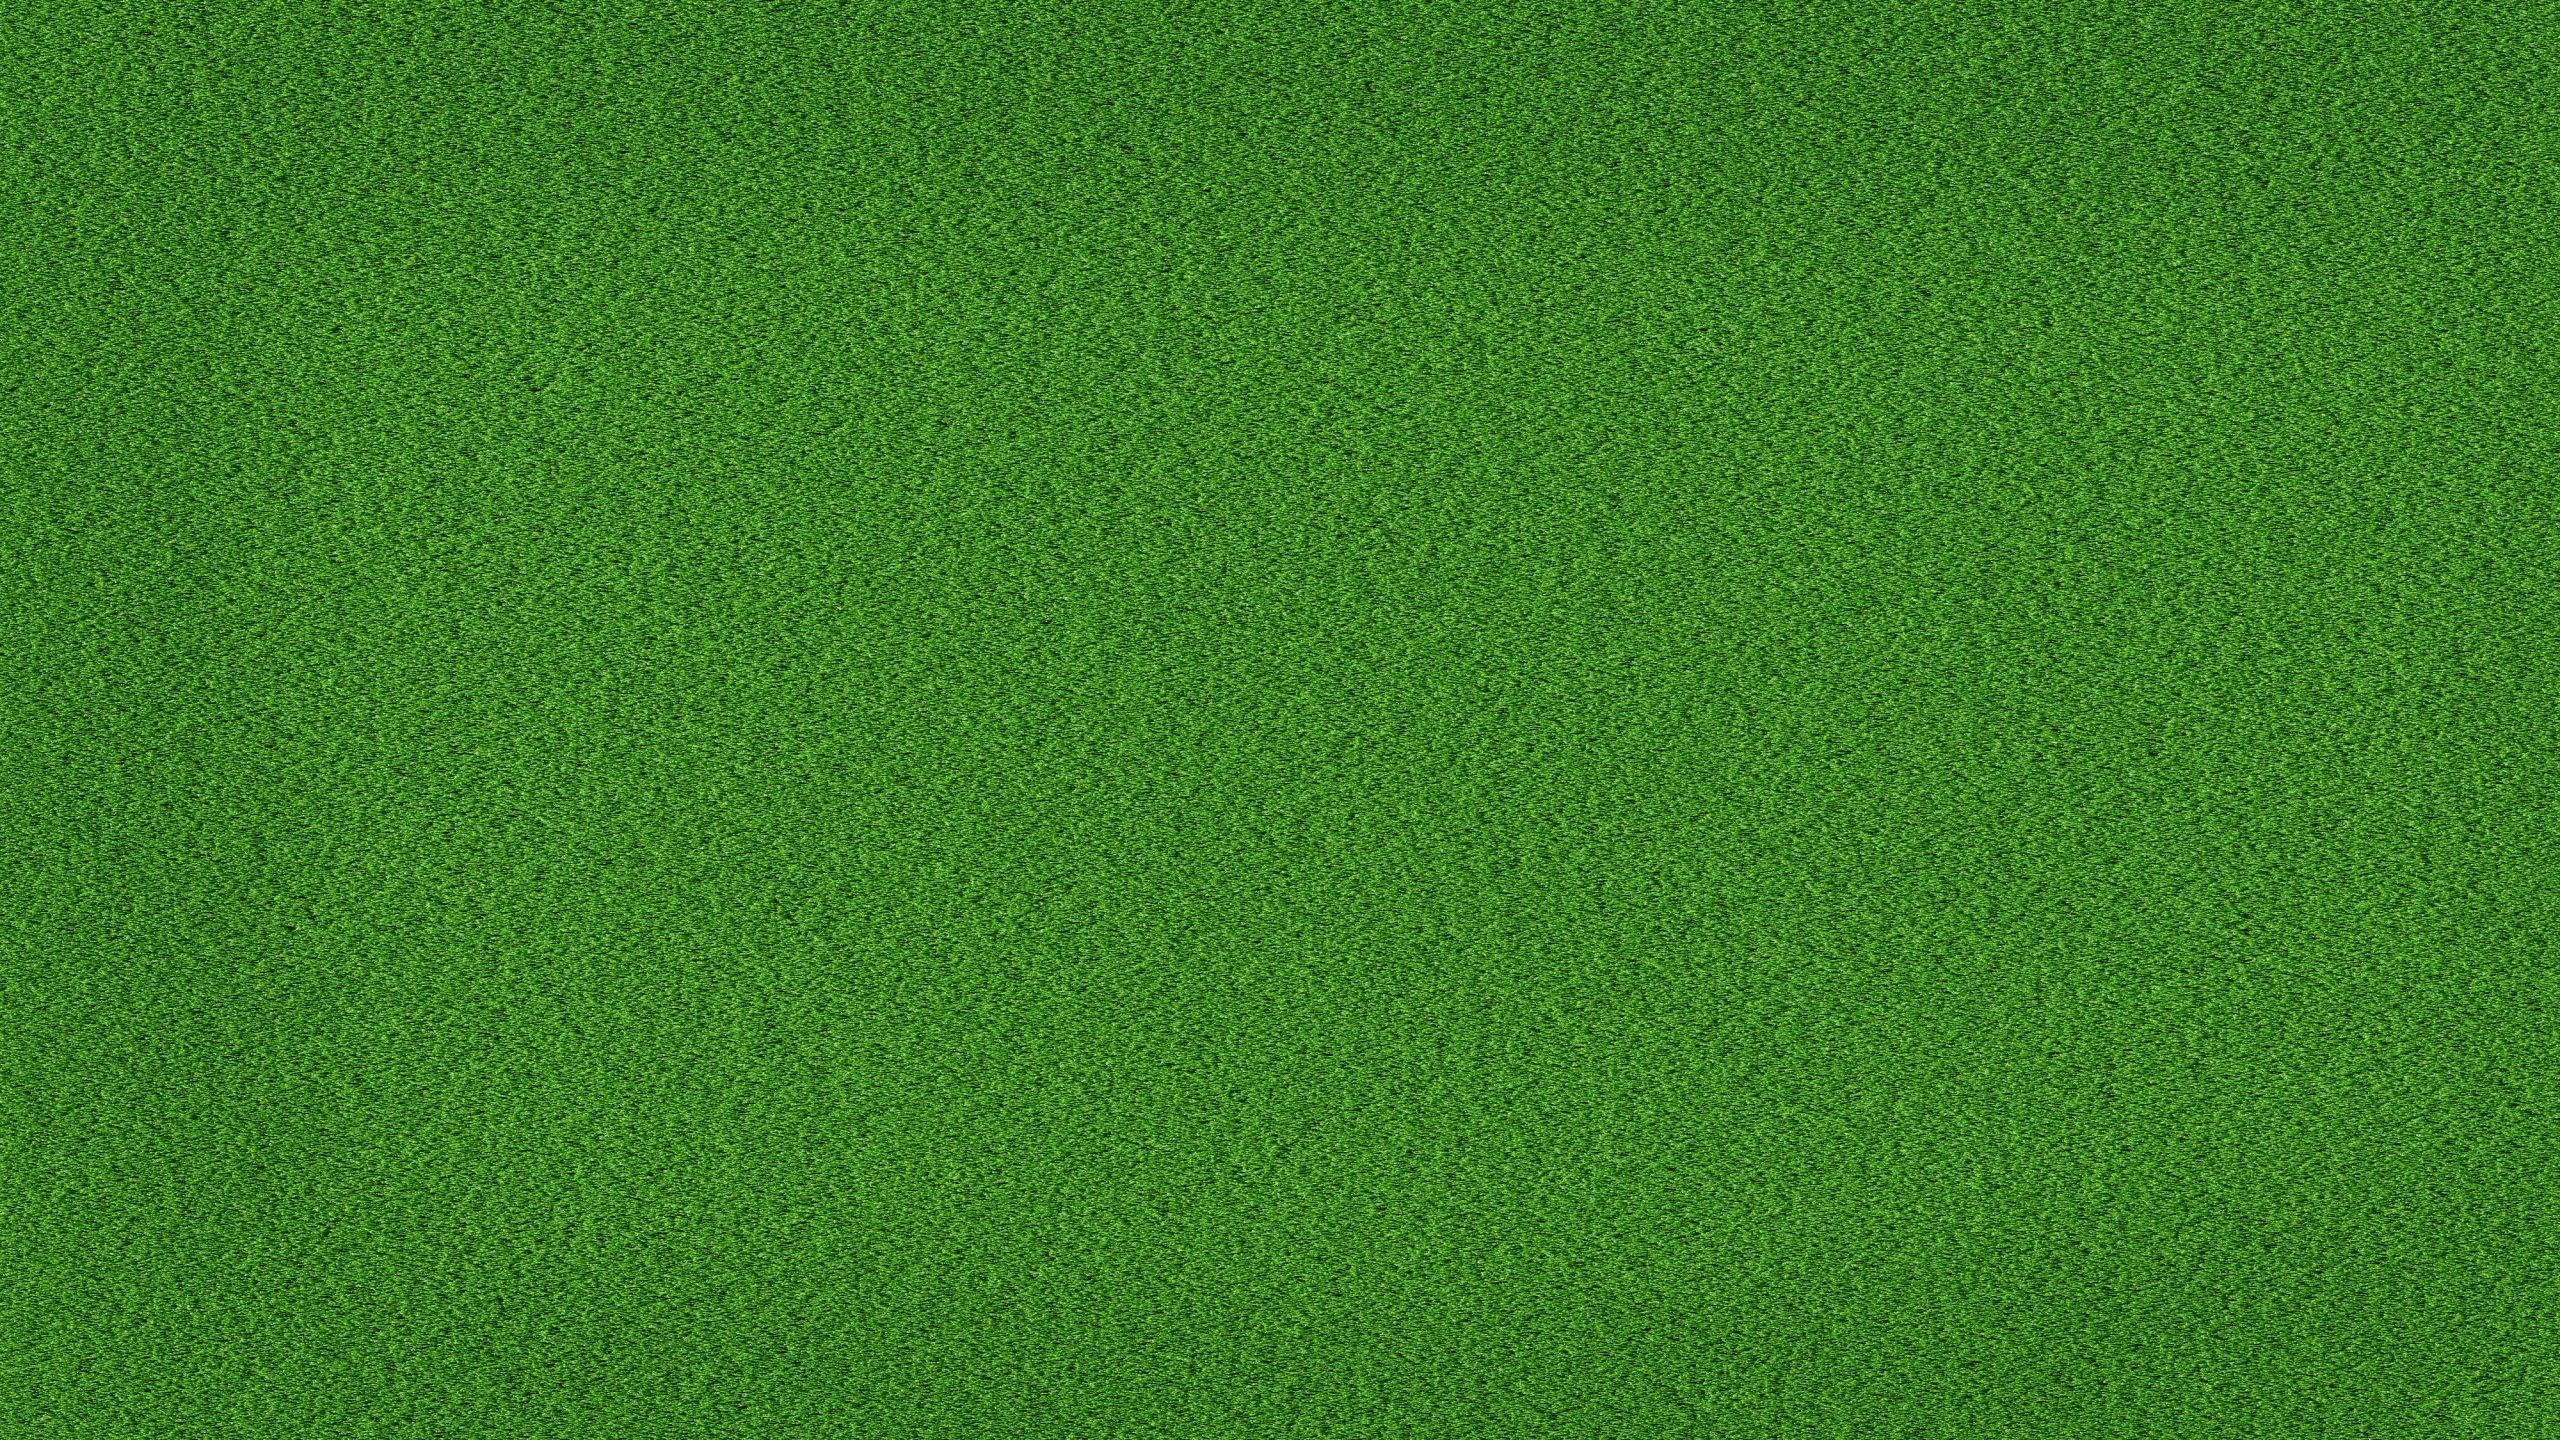 Green grass background wallpaper